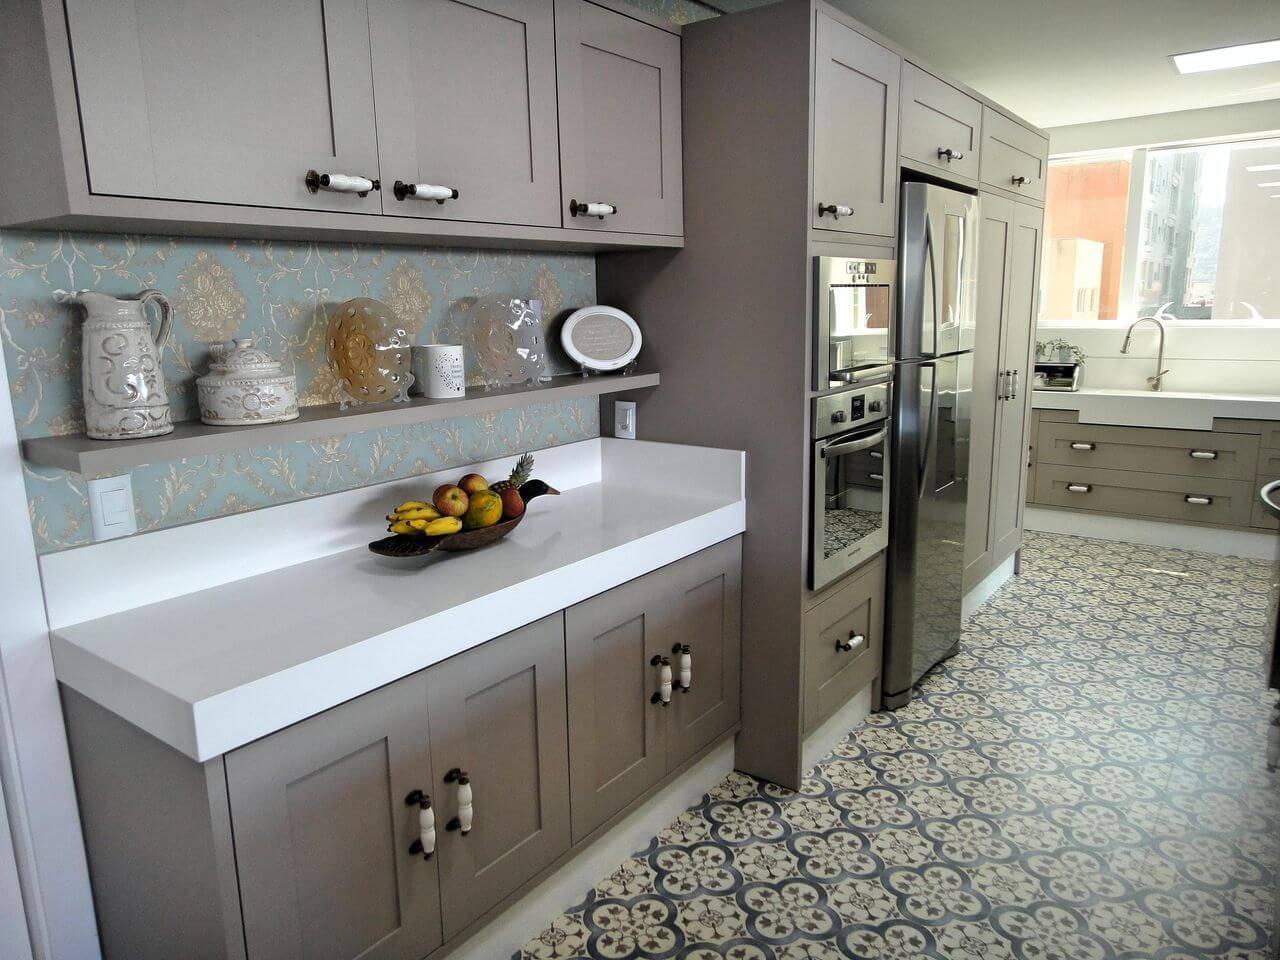 35 Pisos Para Cozinha Conhe A Os Tipos Mais Lindos Para O Ambiente